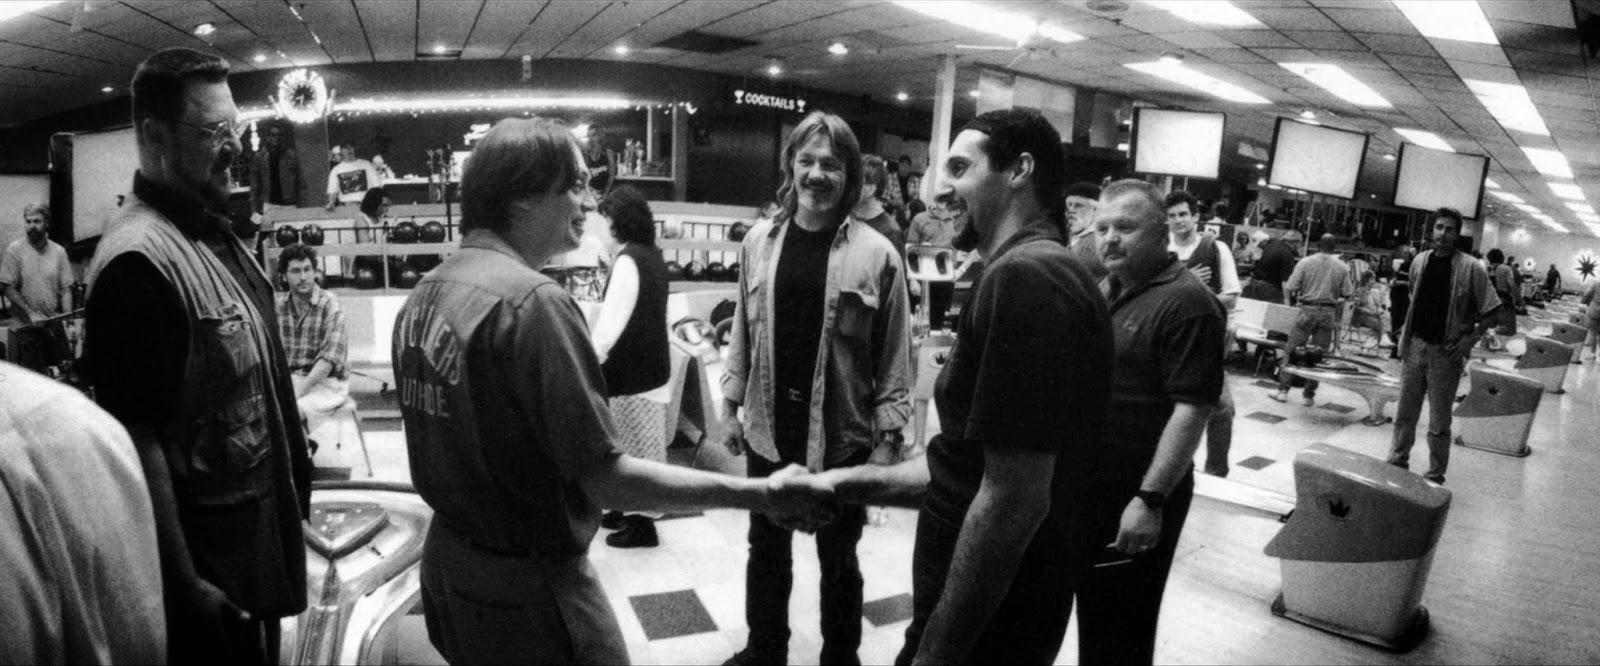 John Goddman, Steve Buscemi y John Turturro - The Big Lebowski